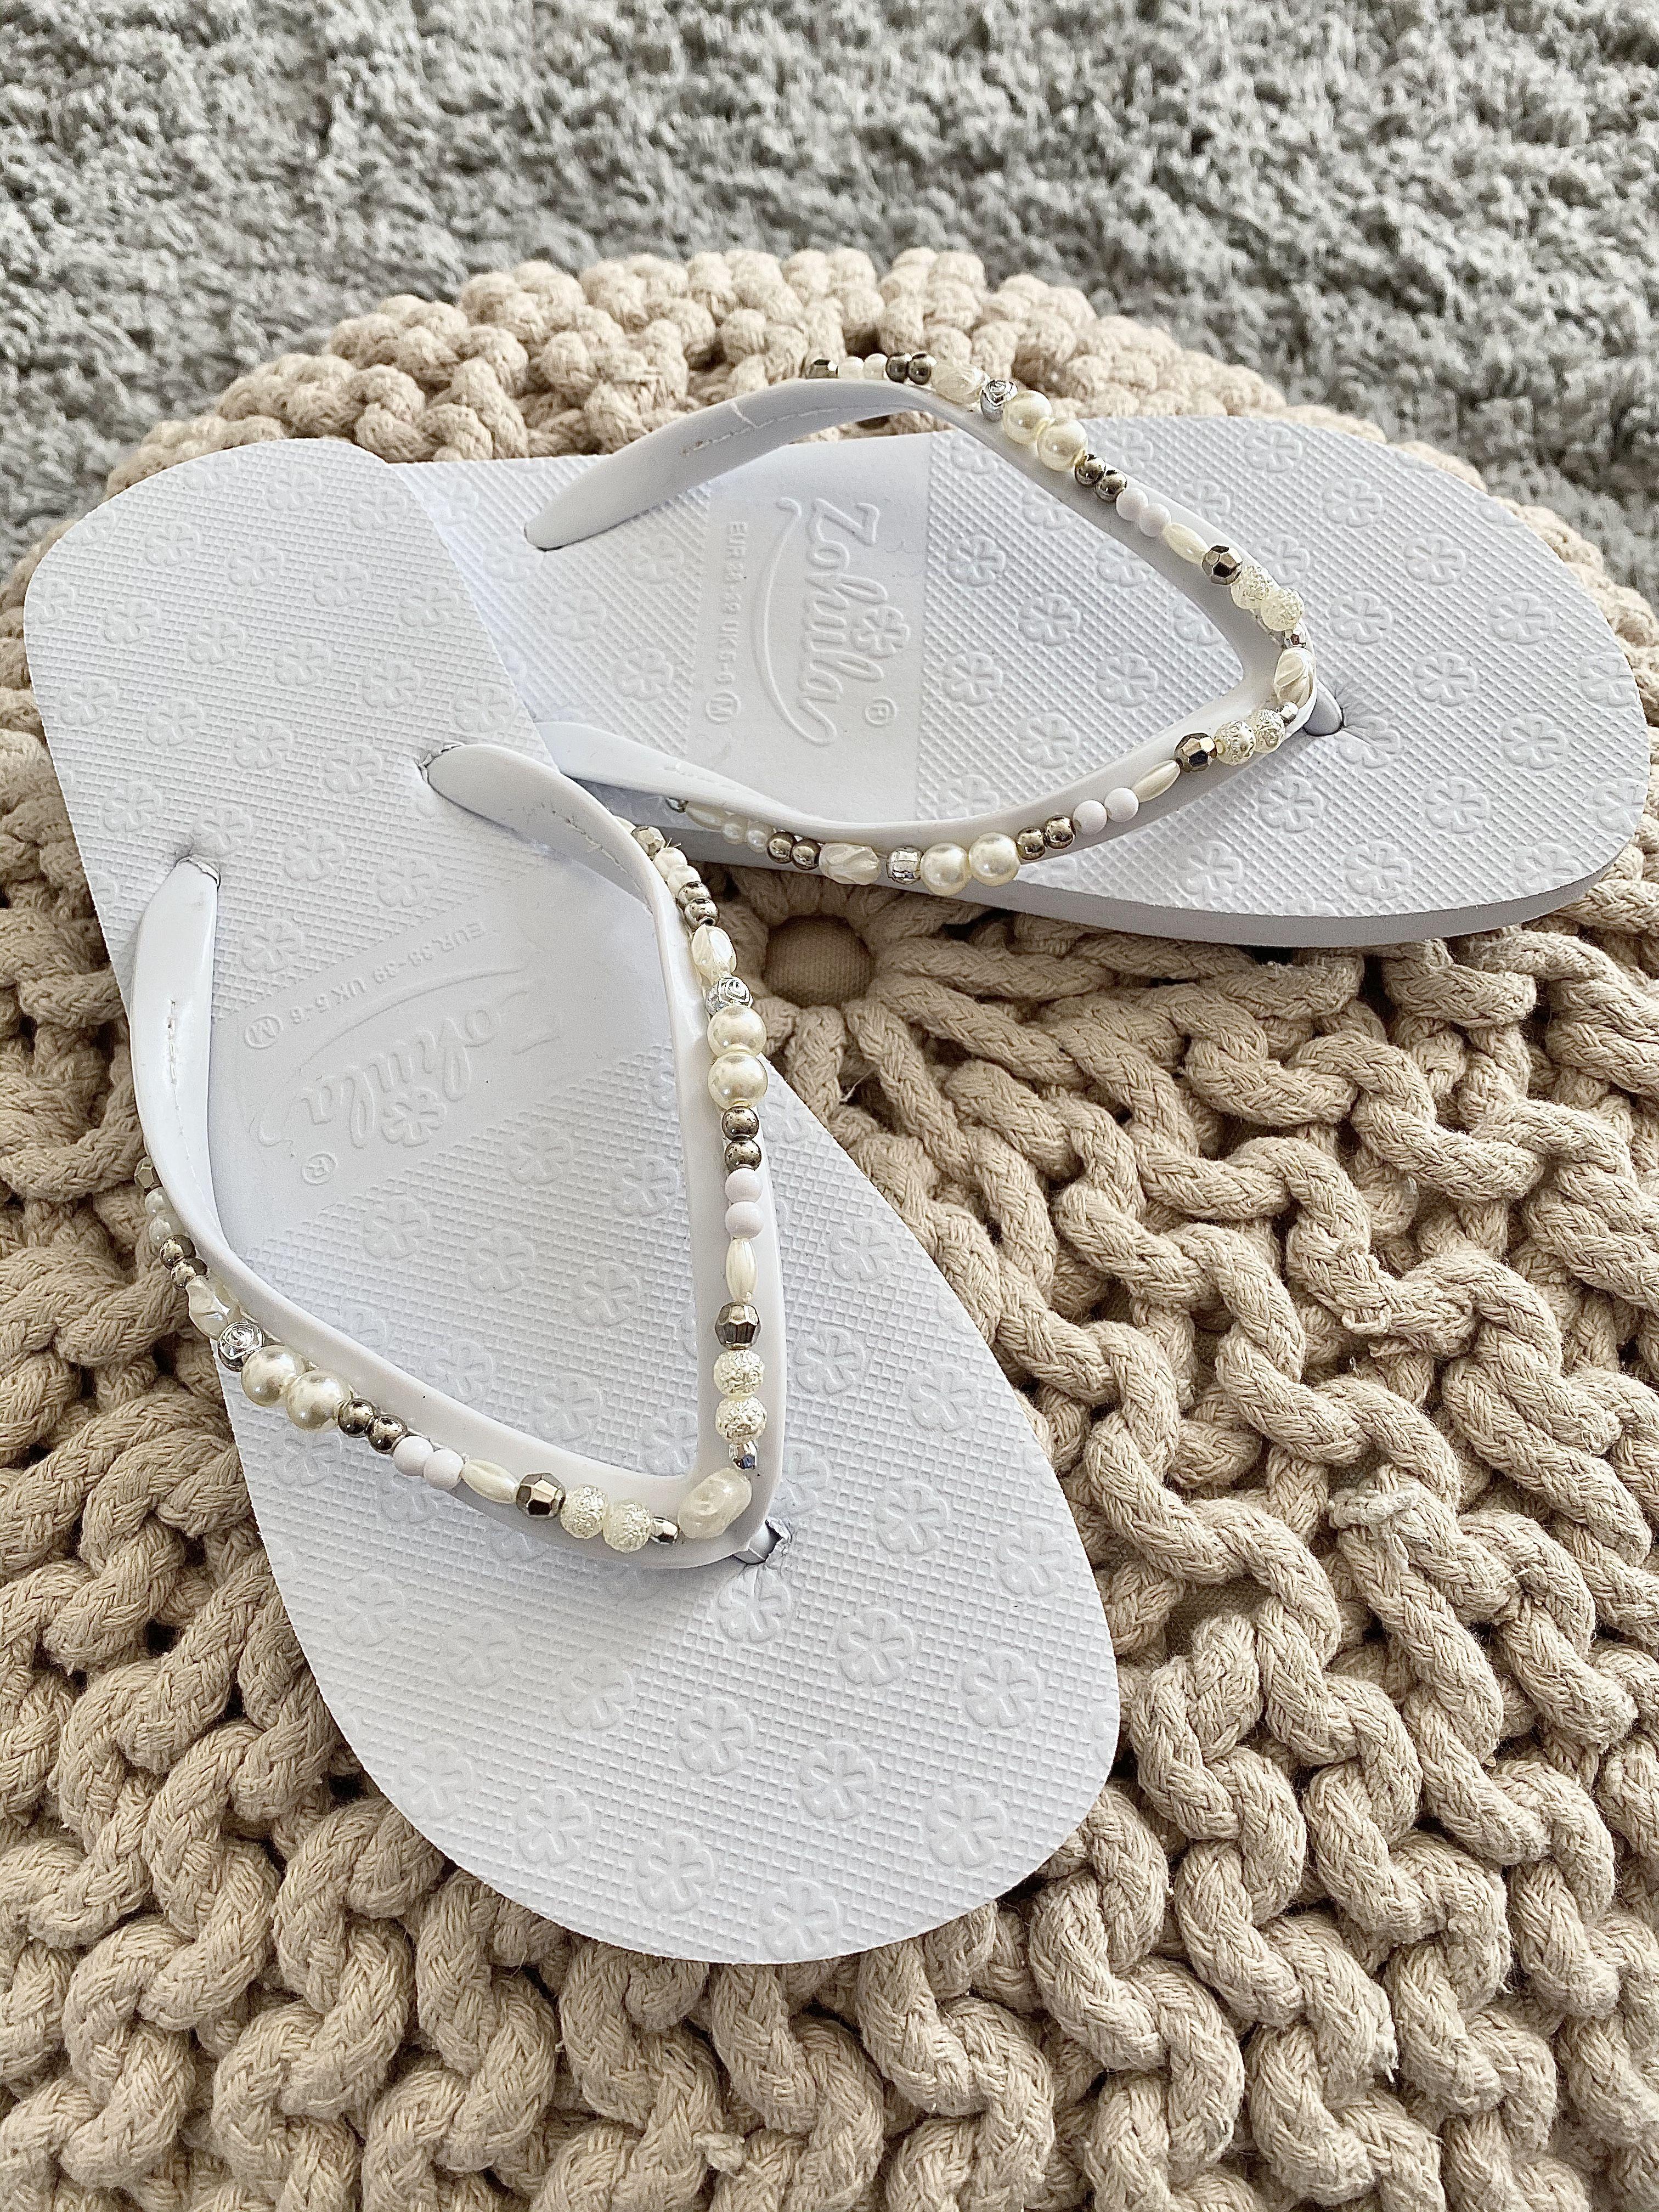 Bulk Buy Flip Flops From Zohula Perfect For Weddings Events And Parties In 2020 Wedding Flip Flops Flip Flops Bulk Flip Flops